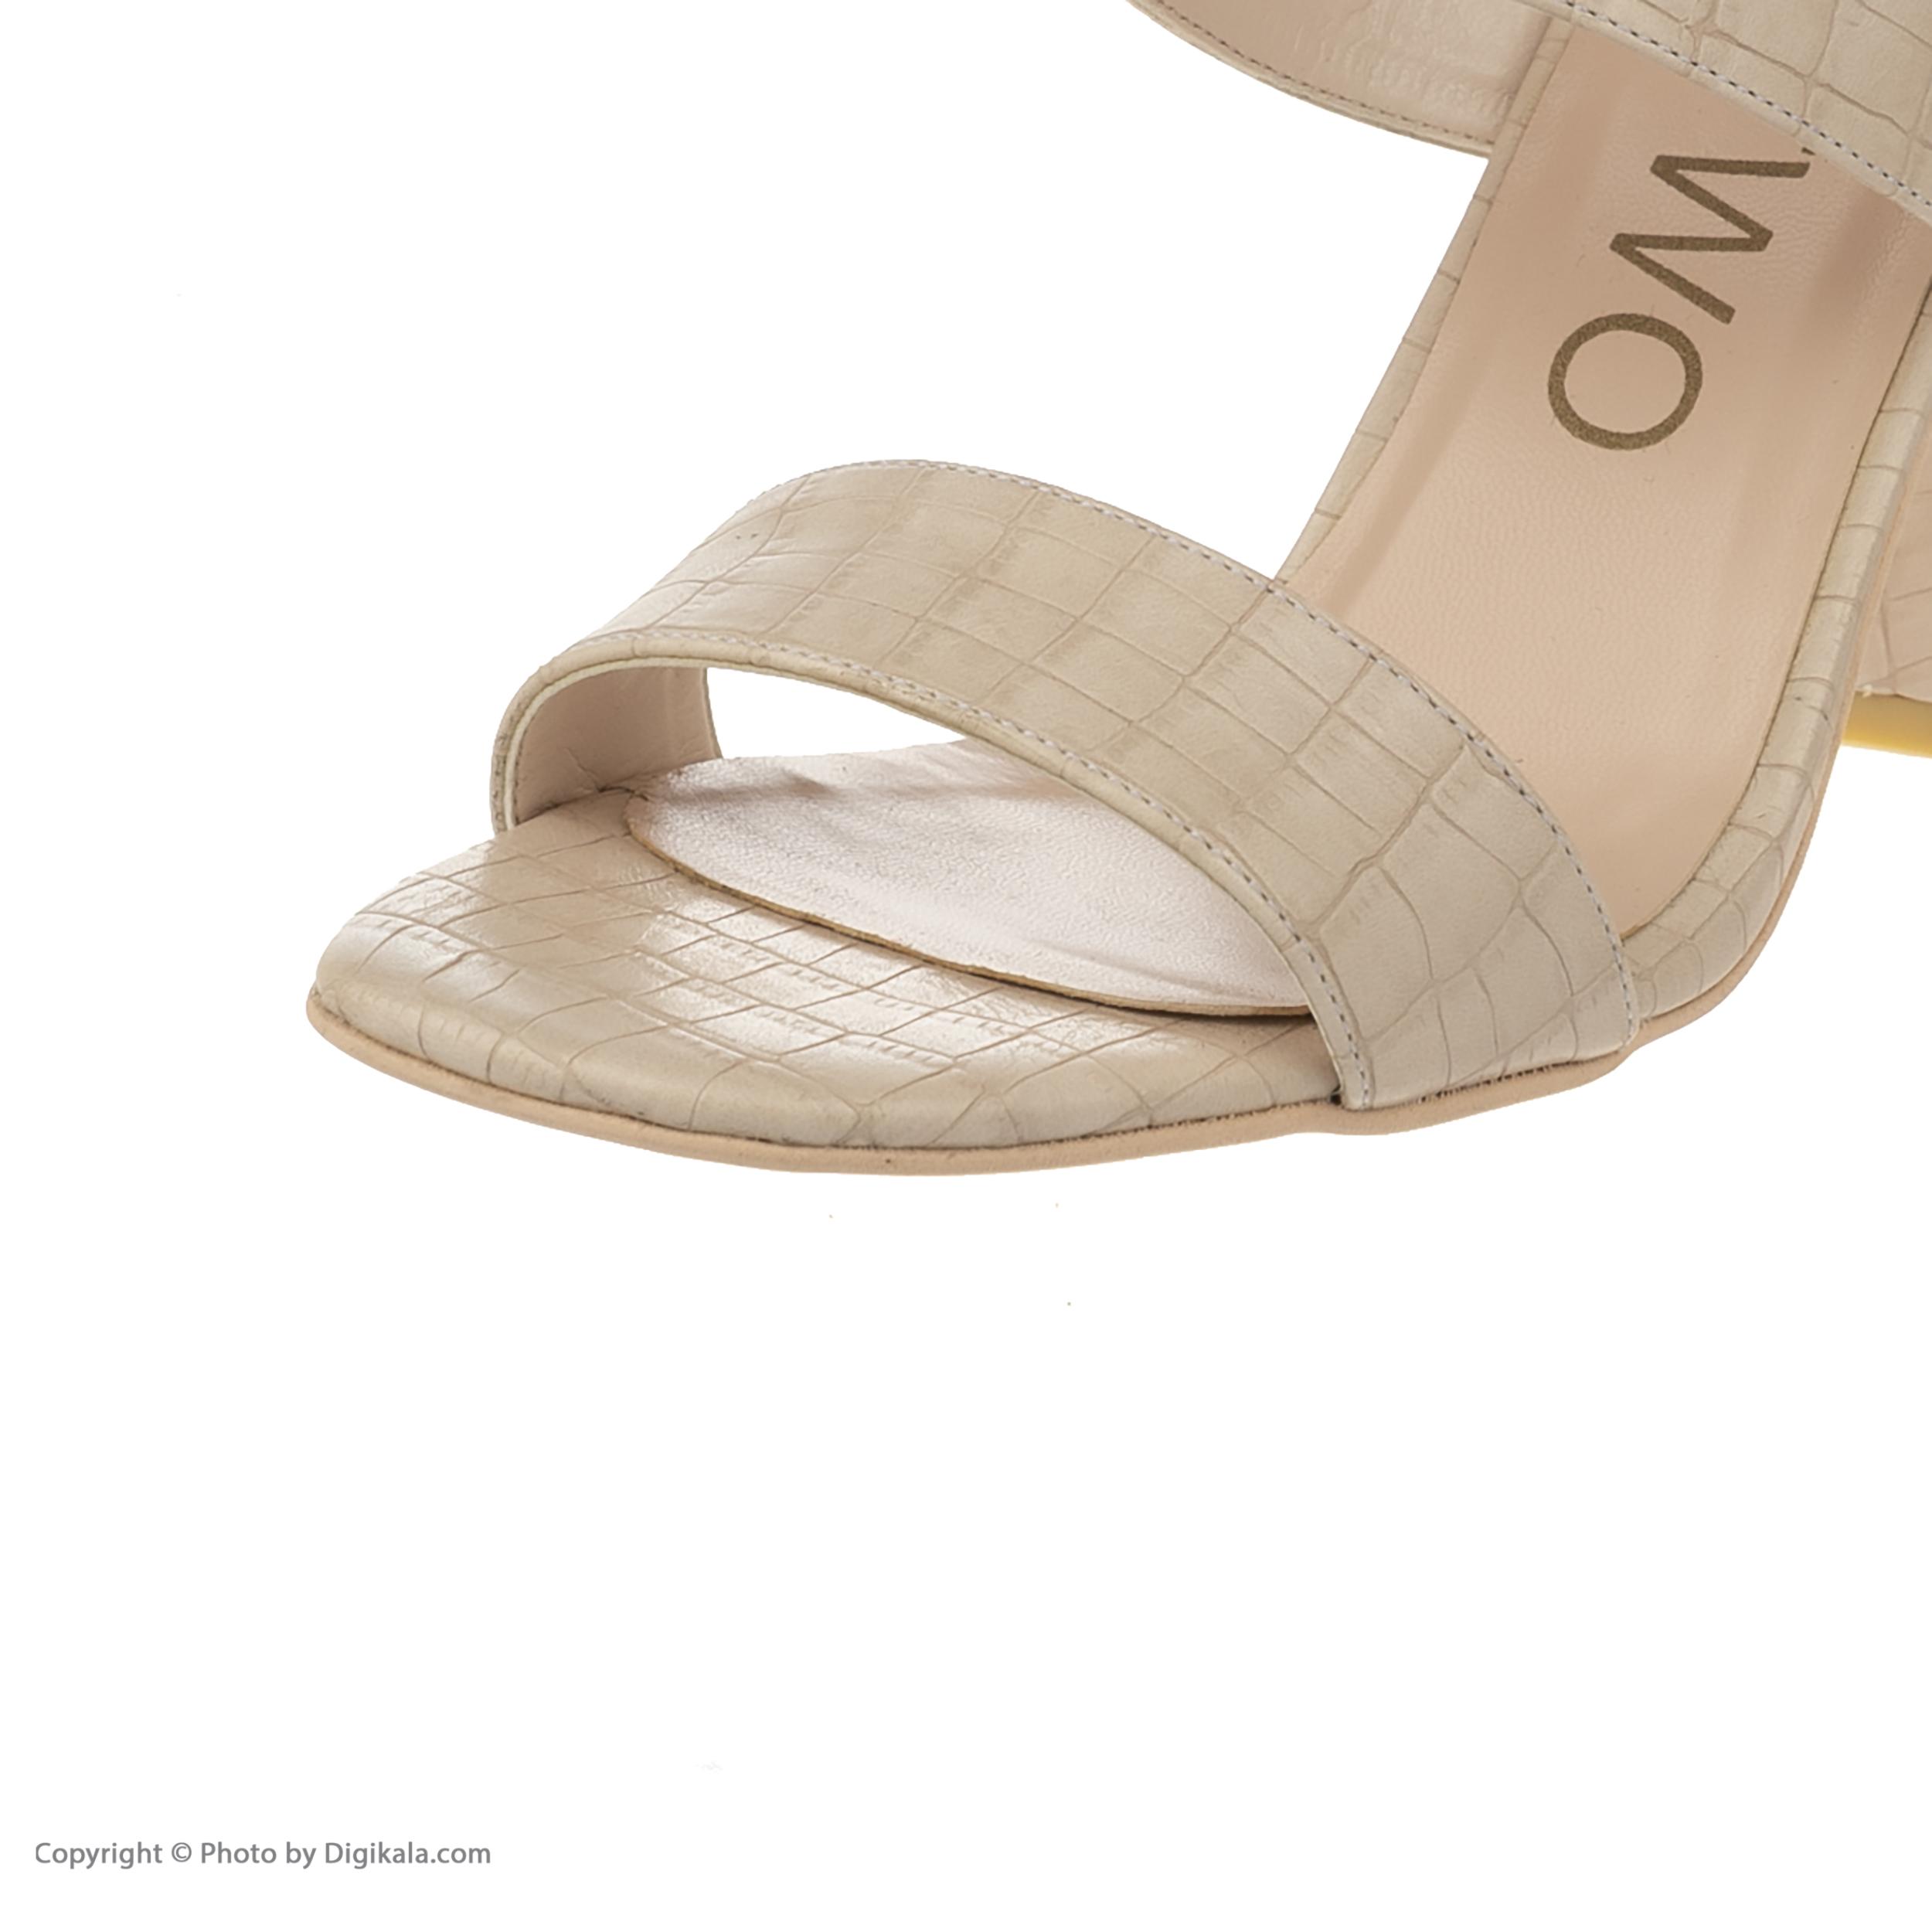 کفش زنانه ام تو مدل 41-1009 main 1 5